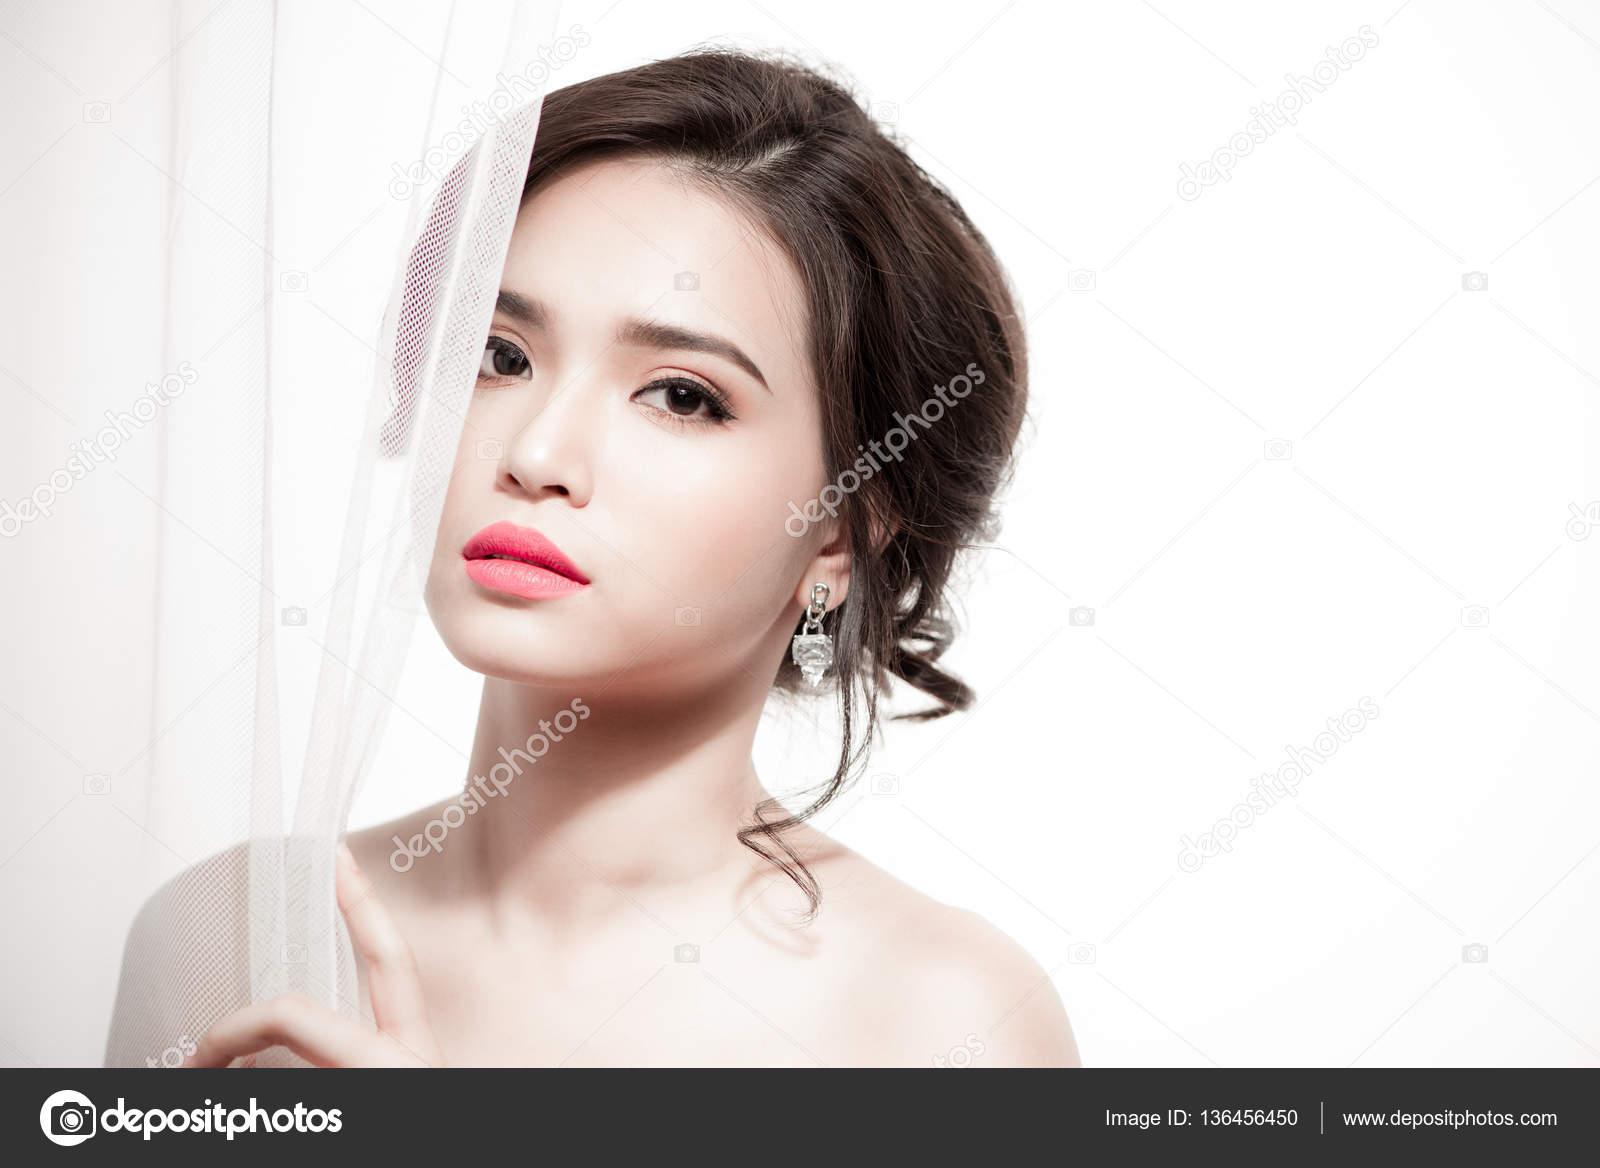 28c322fb57b7c1 Красиві азіатські нареченої портрет макіяж весілля, весільні зачіски,  весільну сукню. Весілля прикраса. Вибірковий Розмитий фокус– стокове  зображення